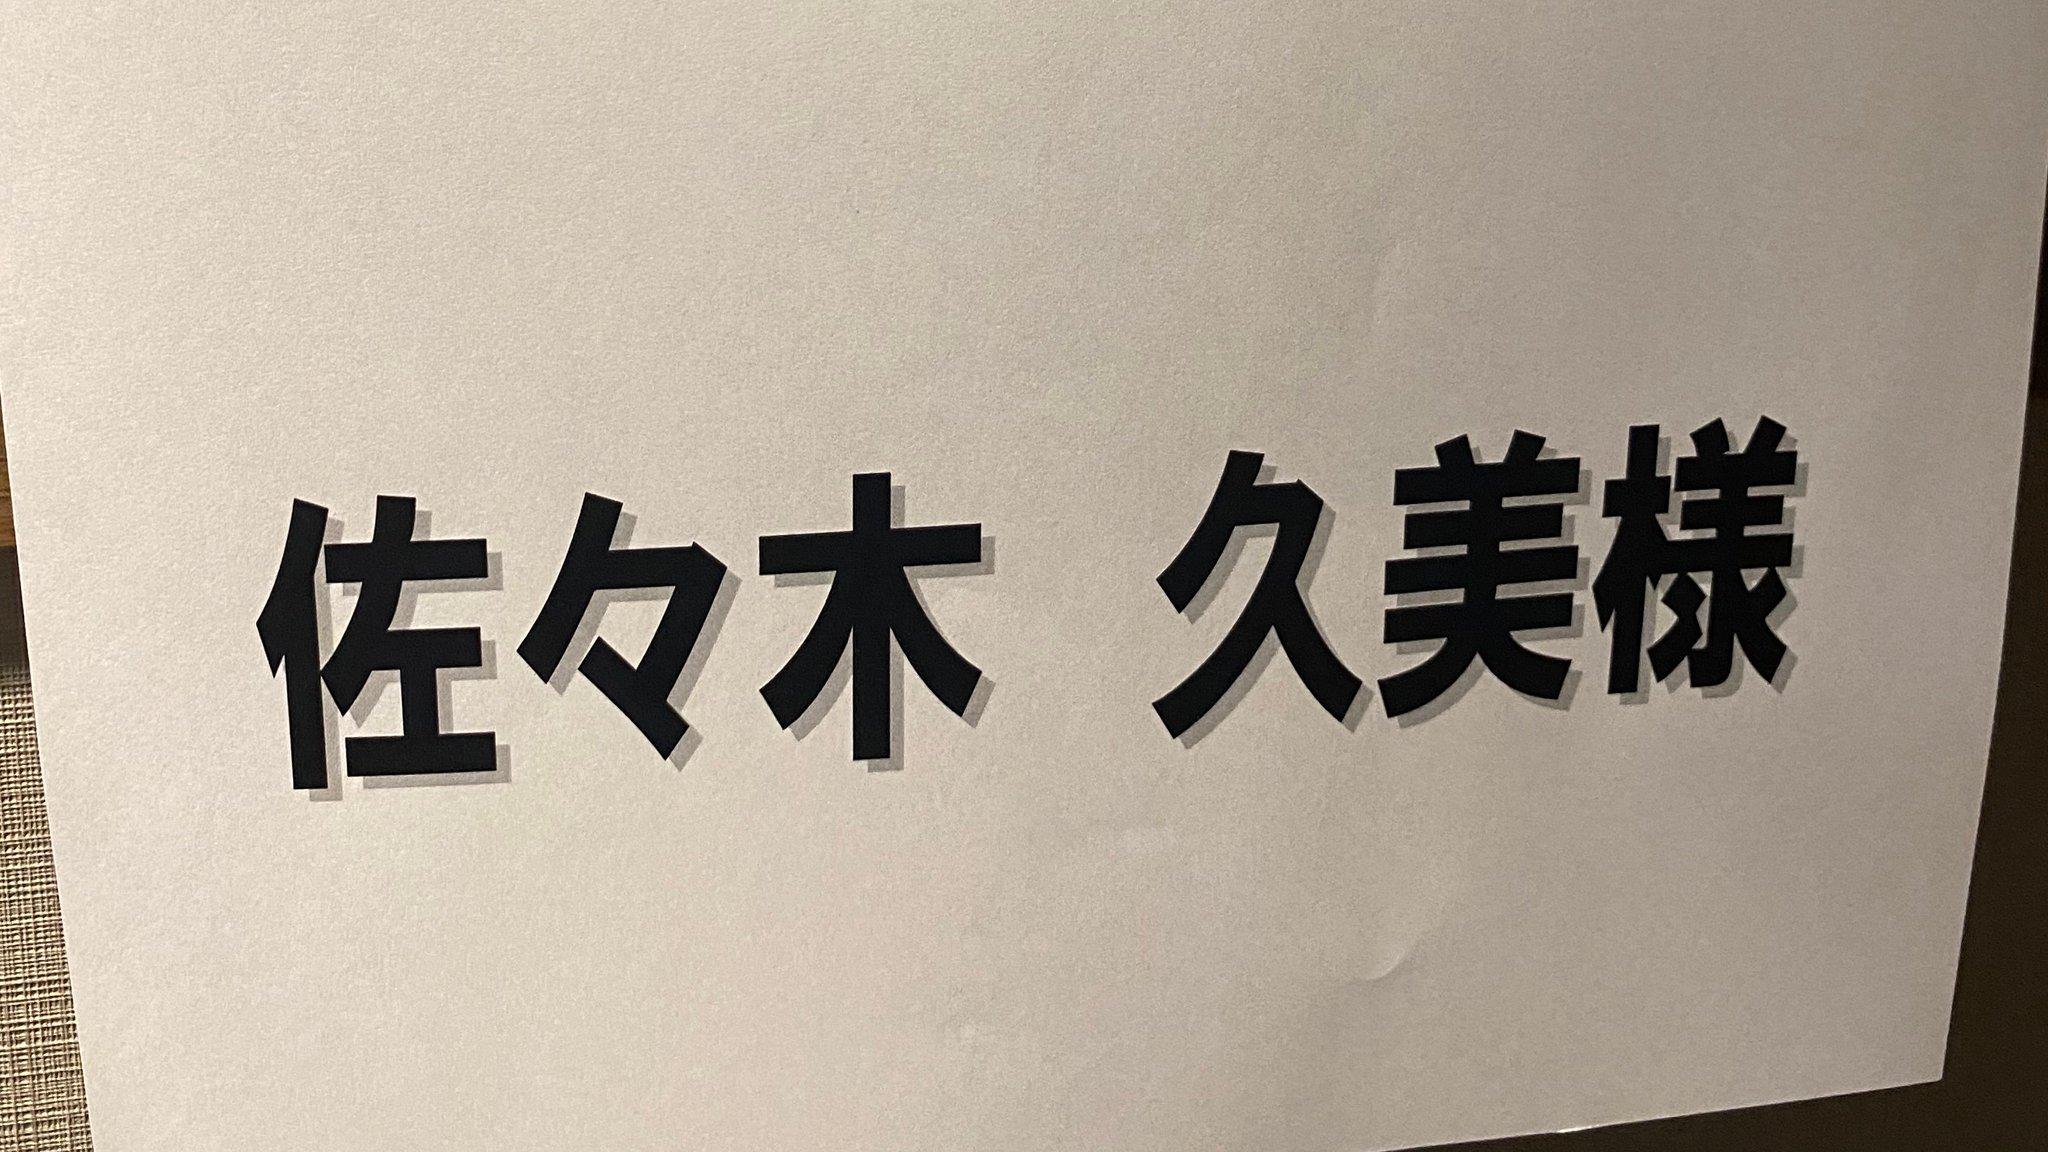 日向坂46佐々木久美「有吉ぃぃeeeee」プロスピ最新作回に近日出演へ